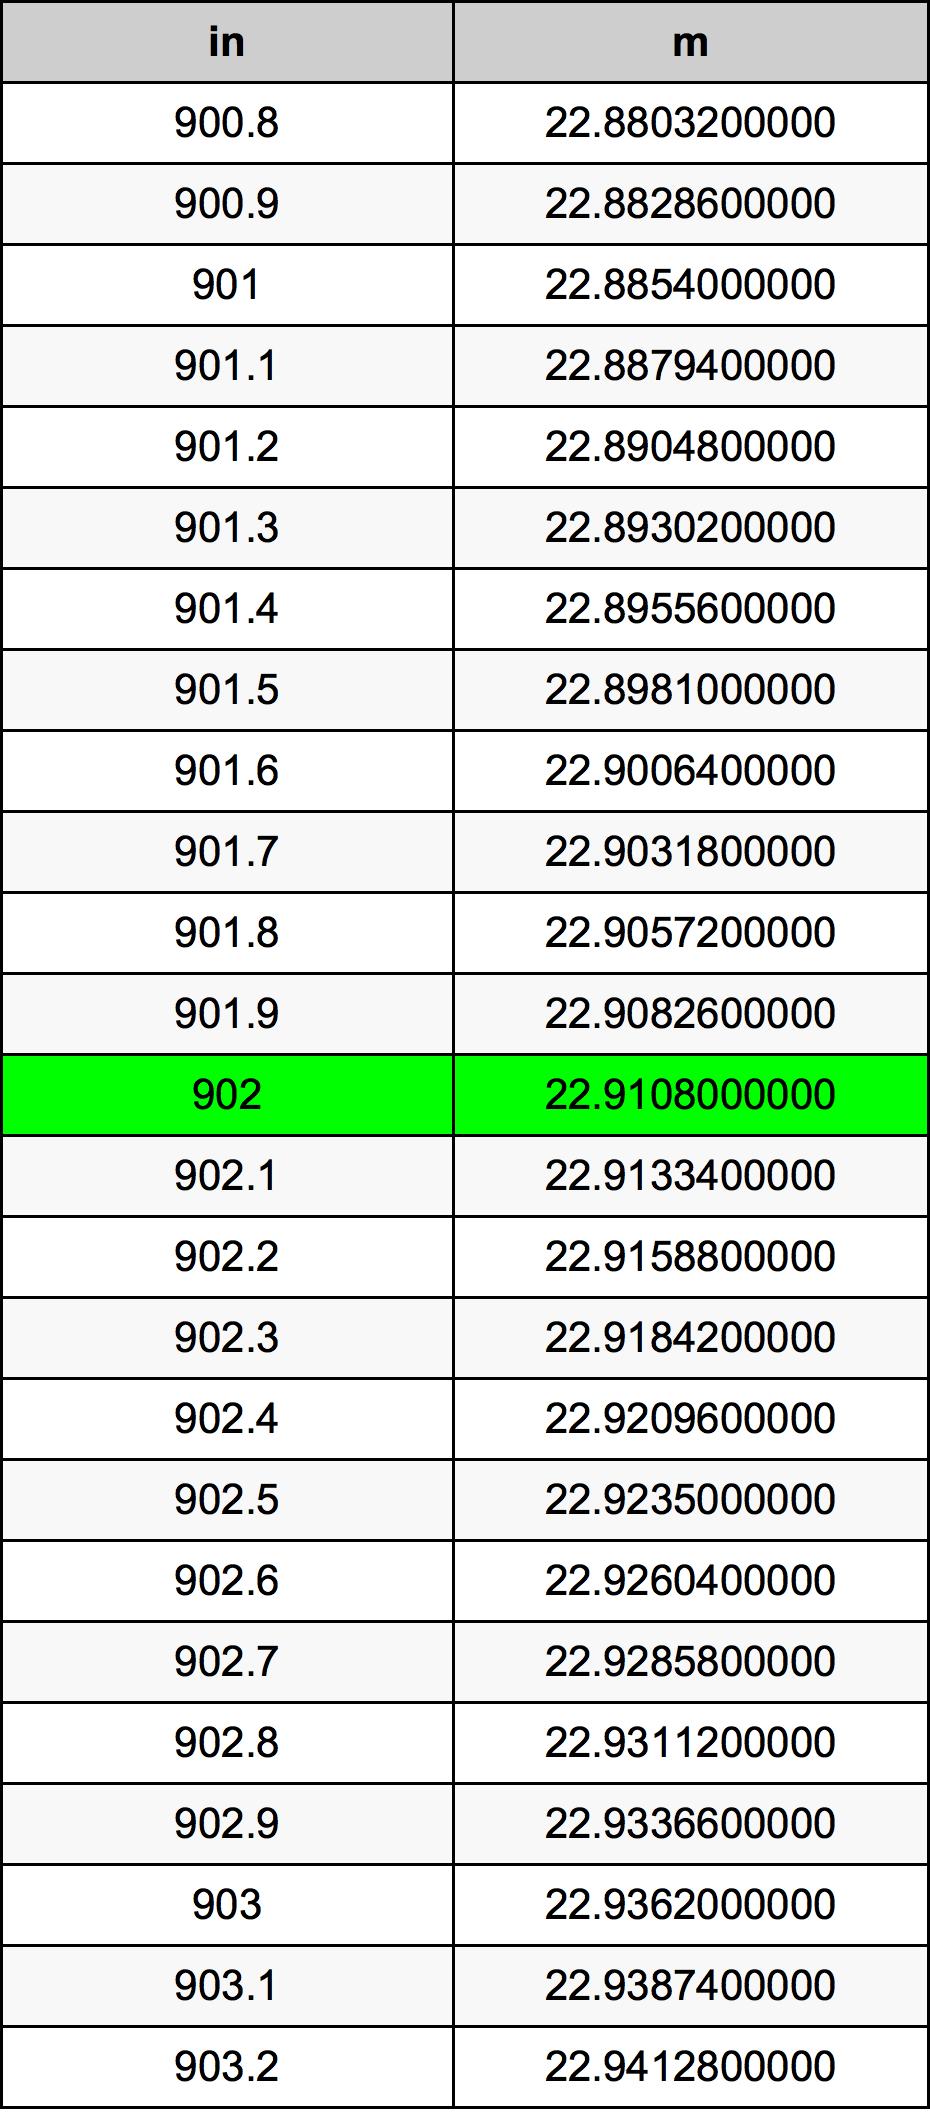 902 인치 변환 표